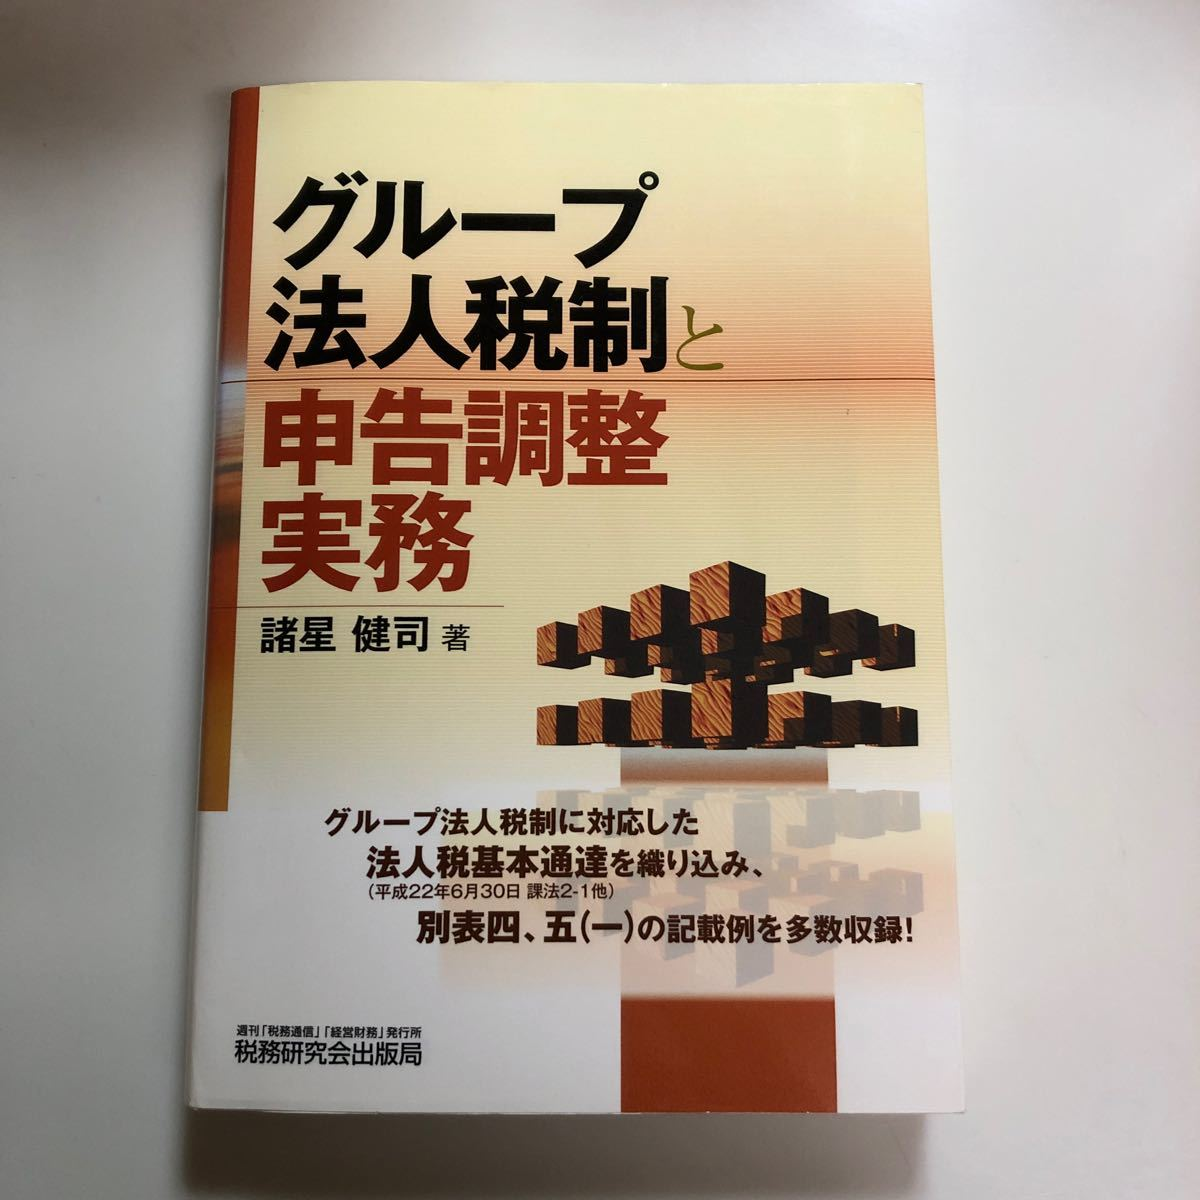 グループ法人税制と申告調整実務/諸星健司 【著】